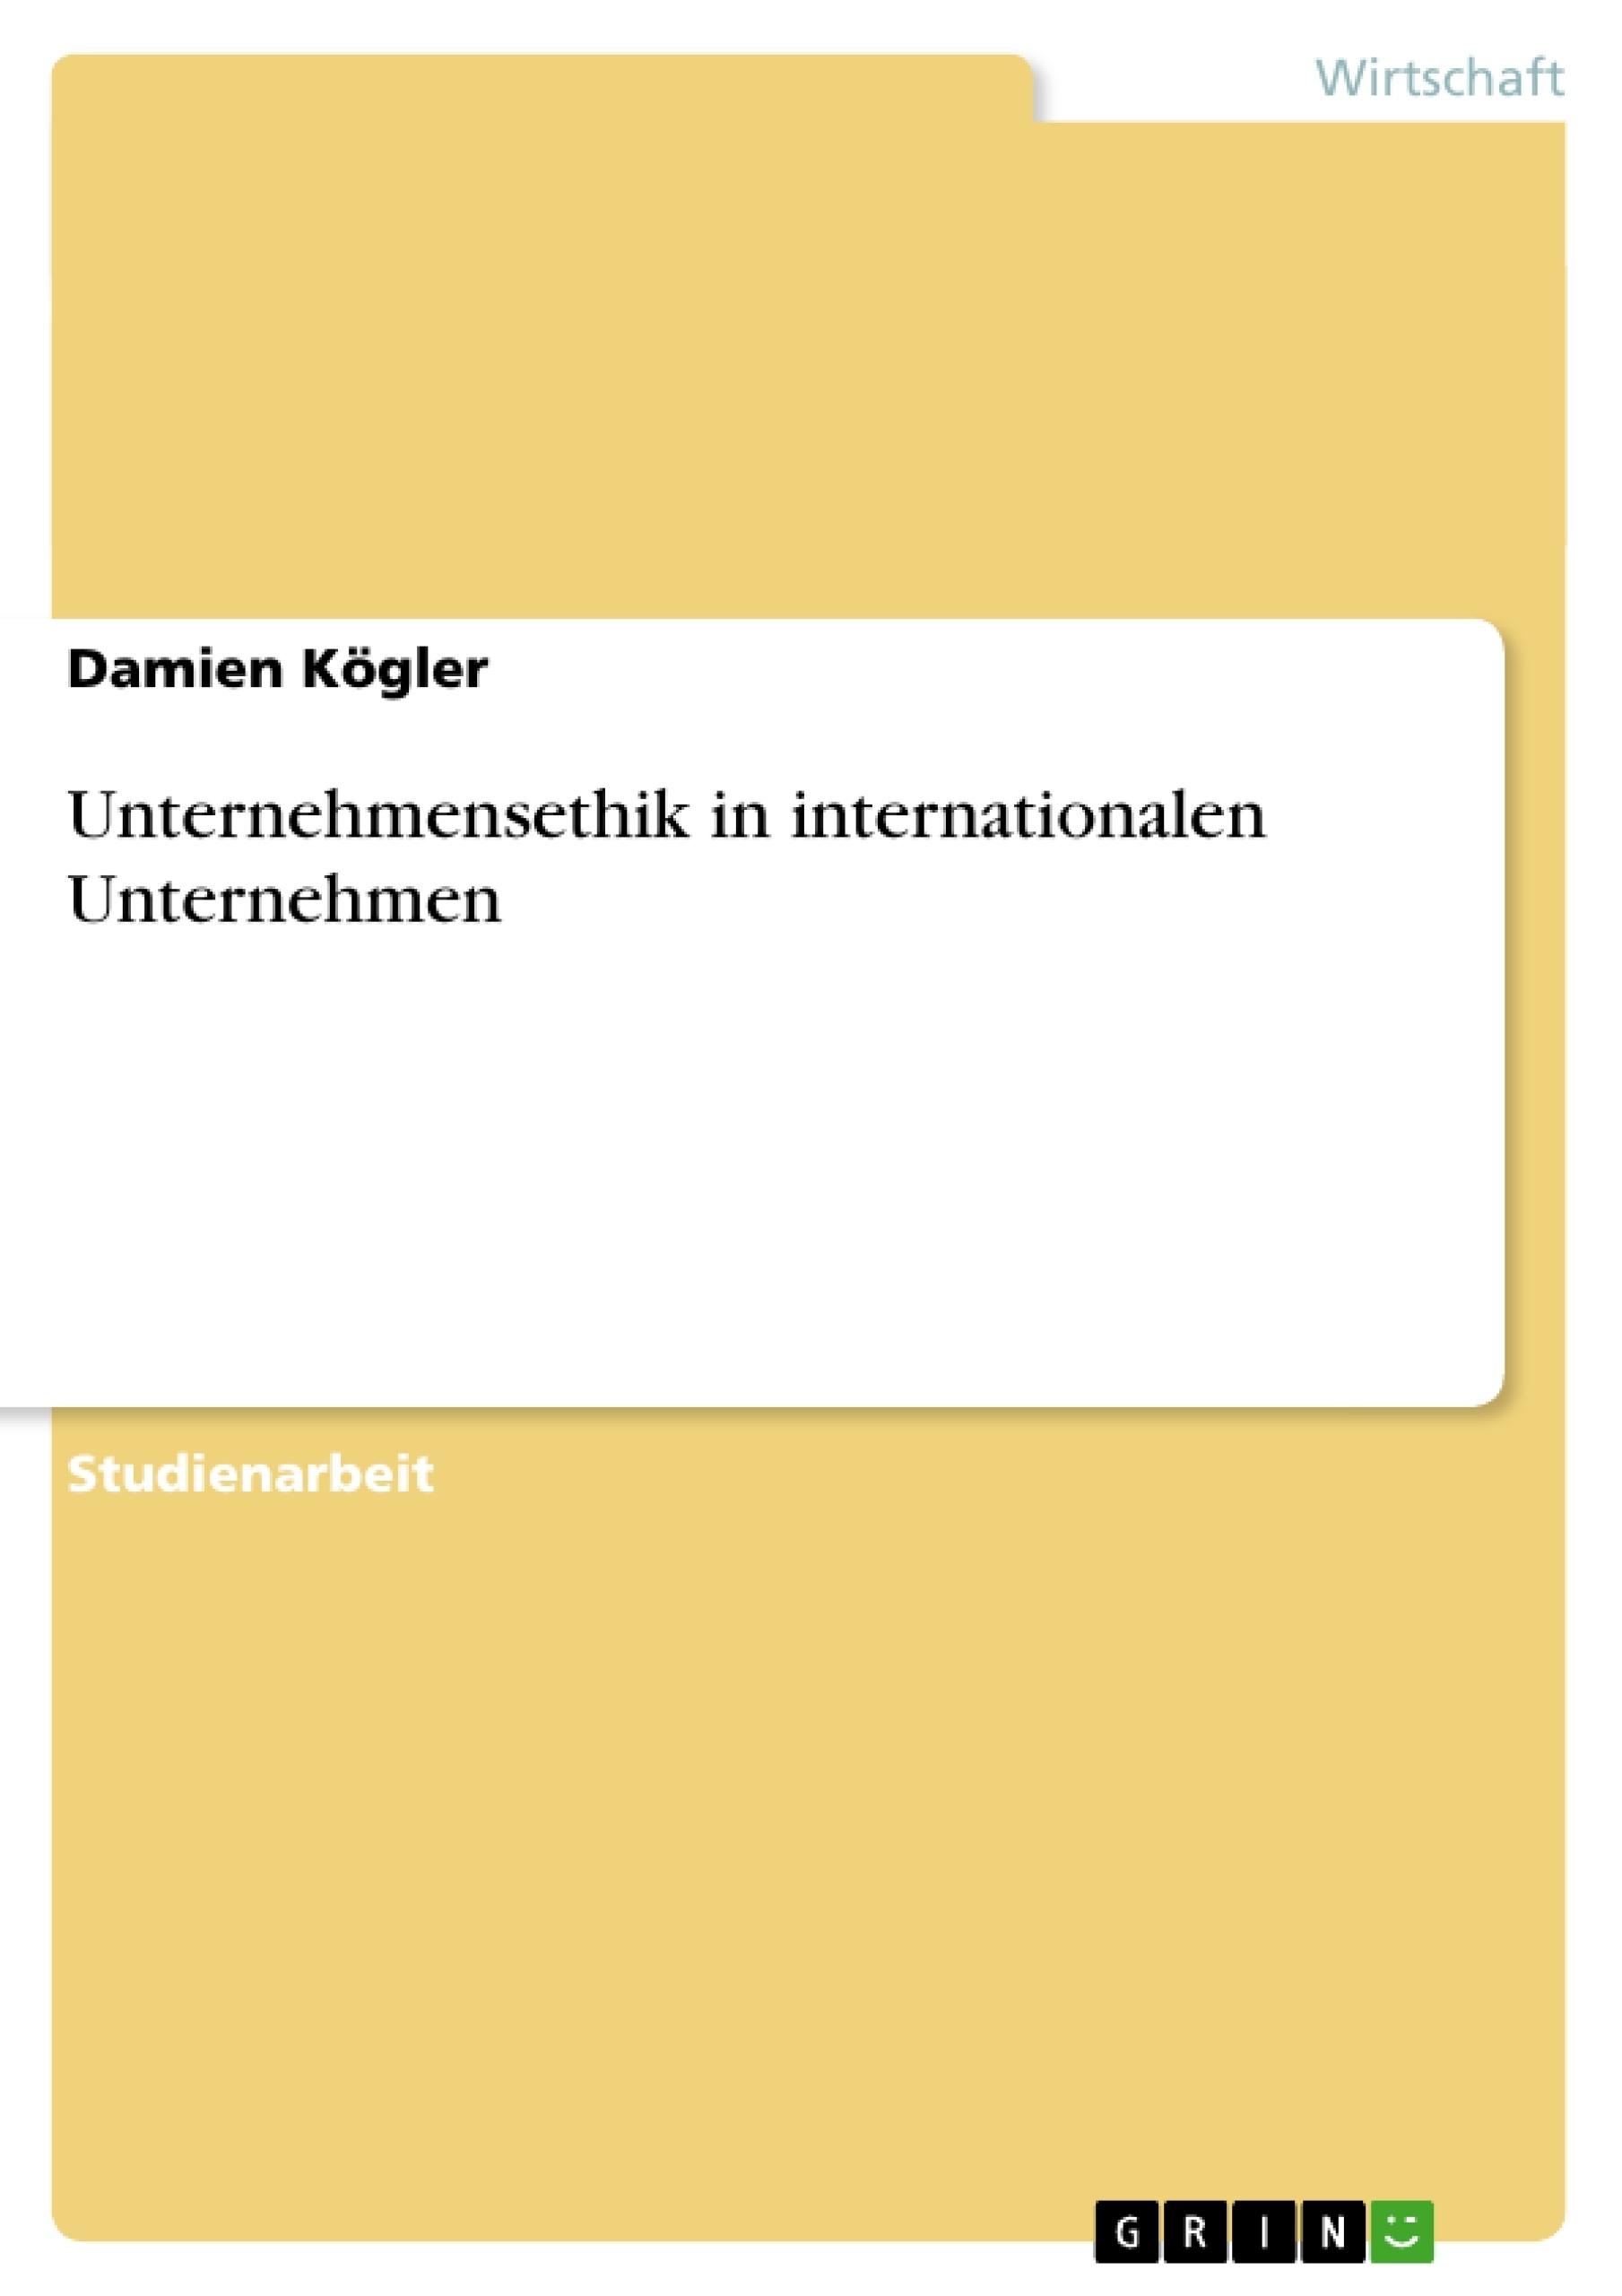 Titel: Unternehmensethik in internationalen Unternehmen